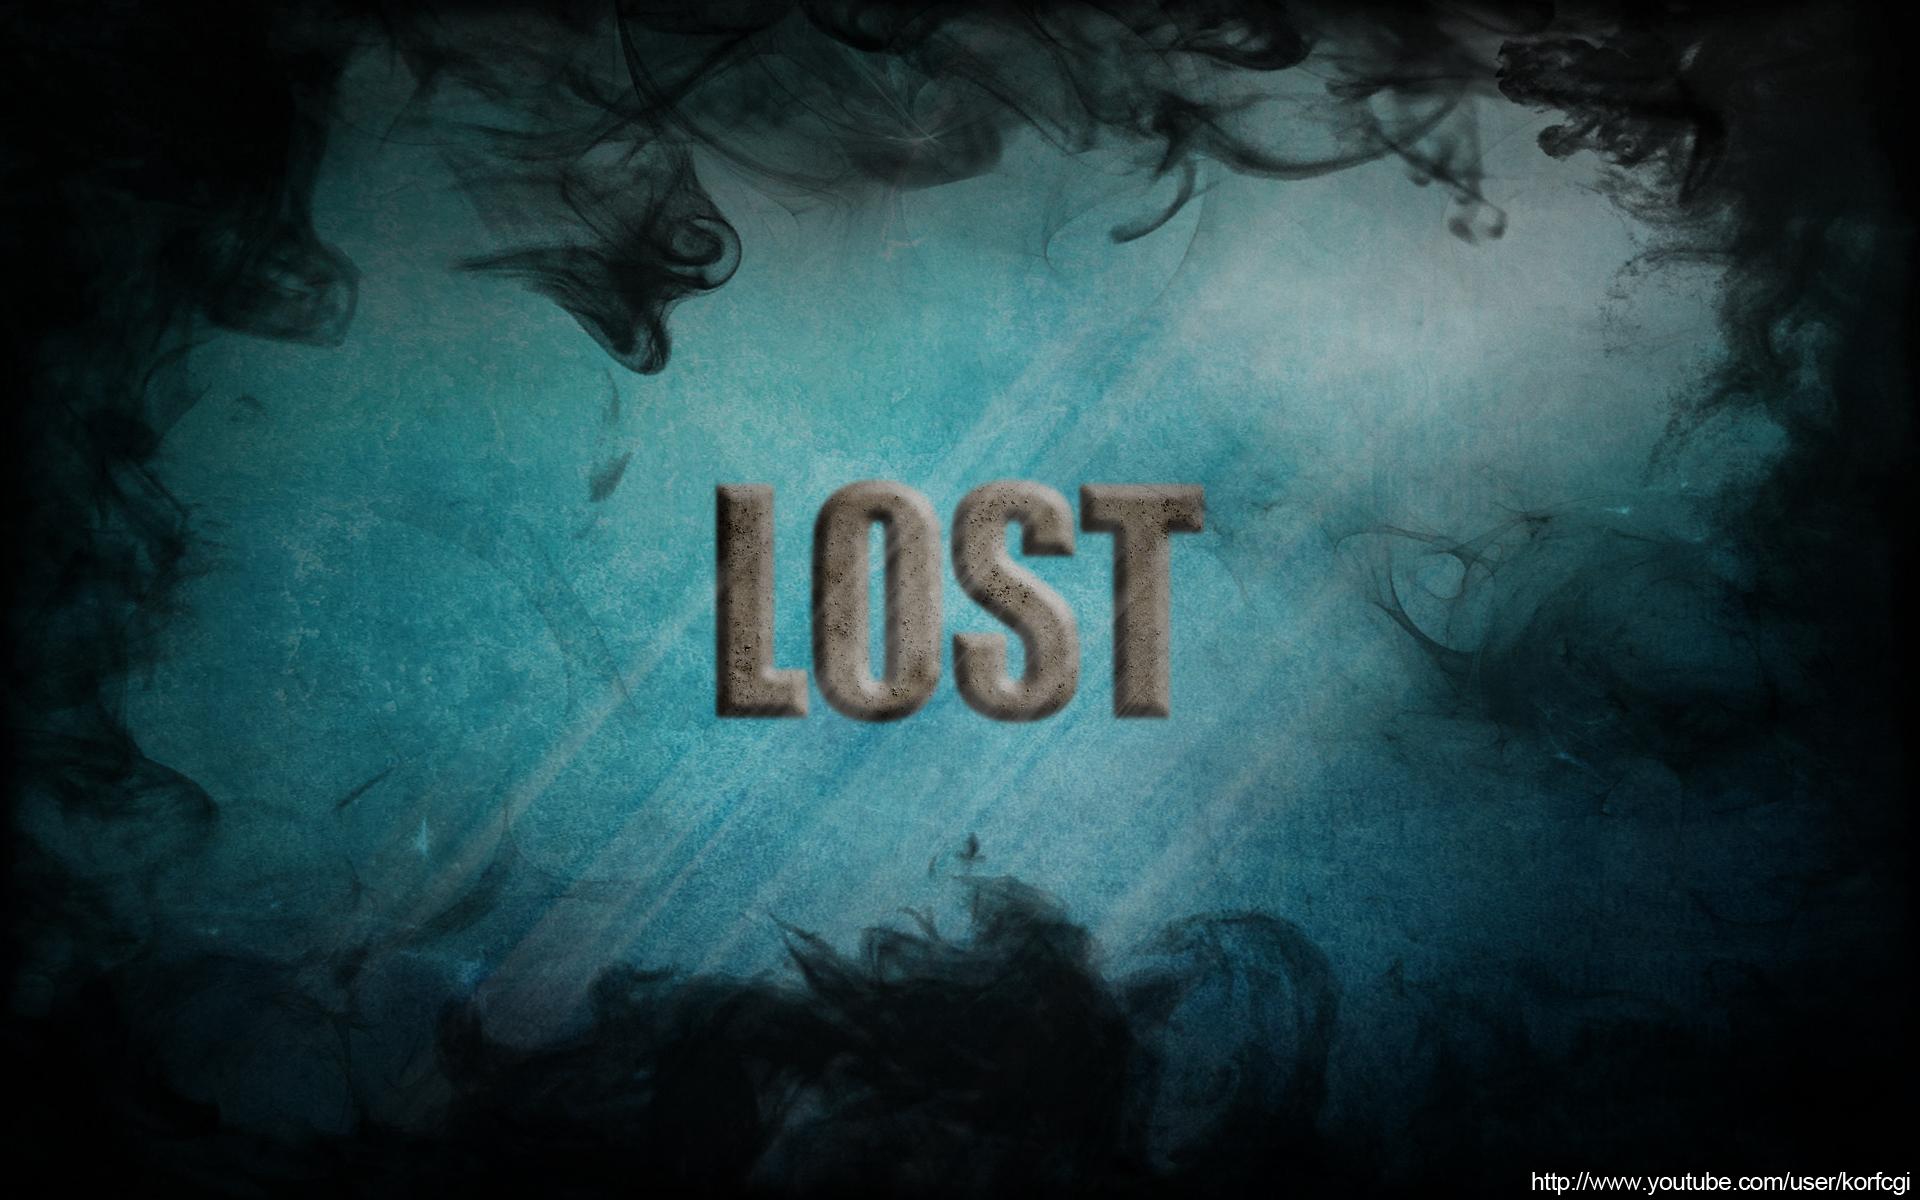 Lost wallpaper by KorfCGI on DeviantArt